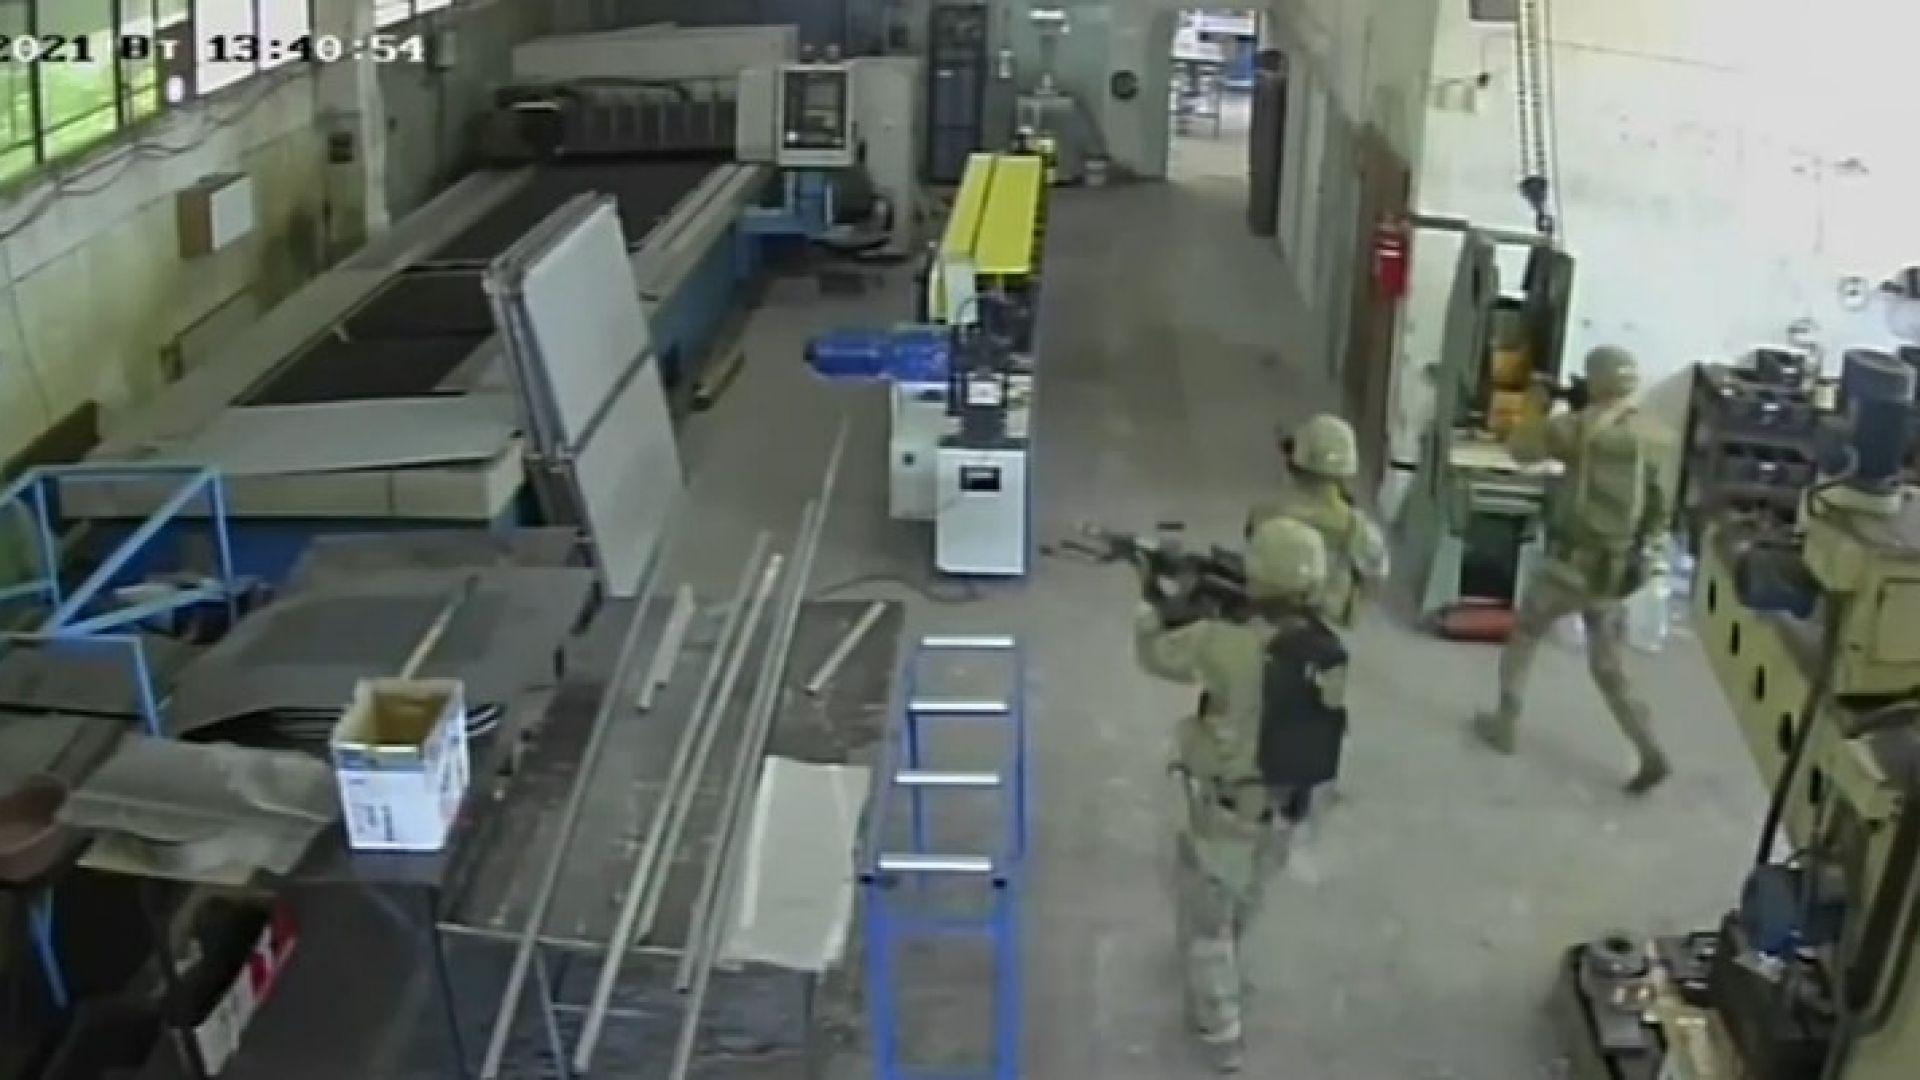 Американски войници атакуваха производствен цех край Пловдив (видео)